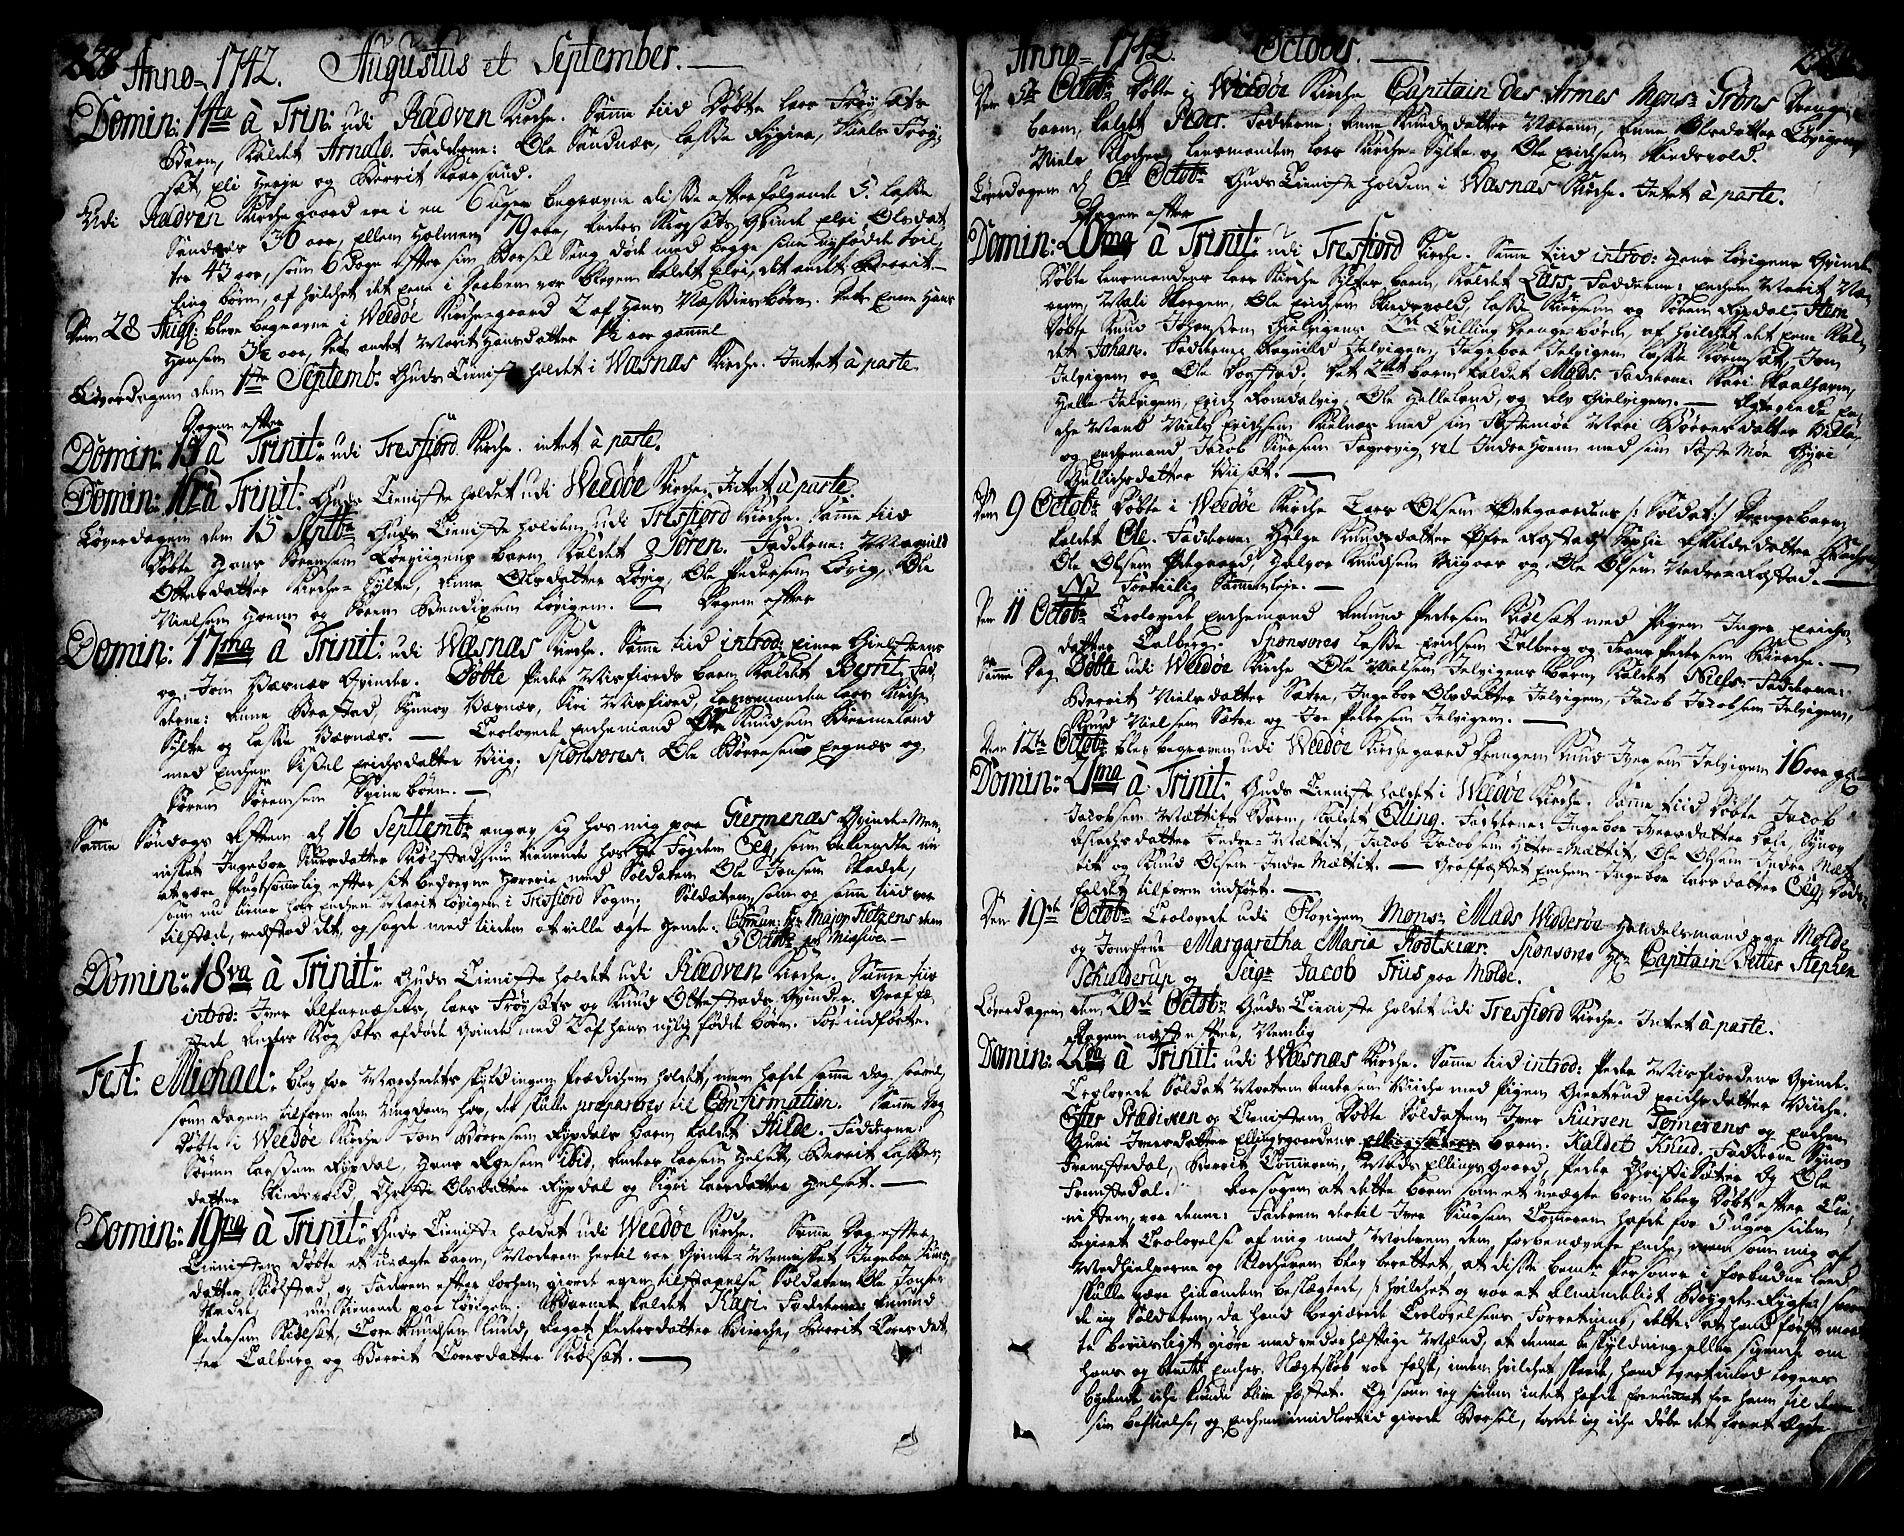 SAT, Ministerialprotokoller, klokkerbøker og fødselsregistre - Møre og Romsdal, 547/L0599: Ministerialbok nr. 547A01, 1721-1764, s. 228-229